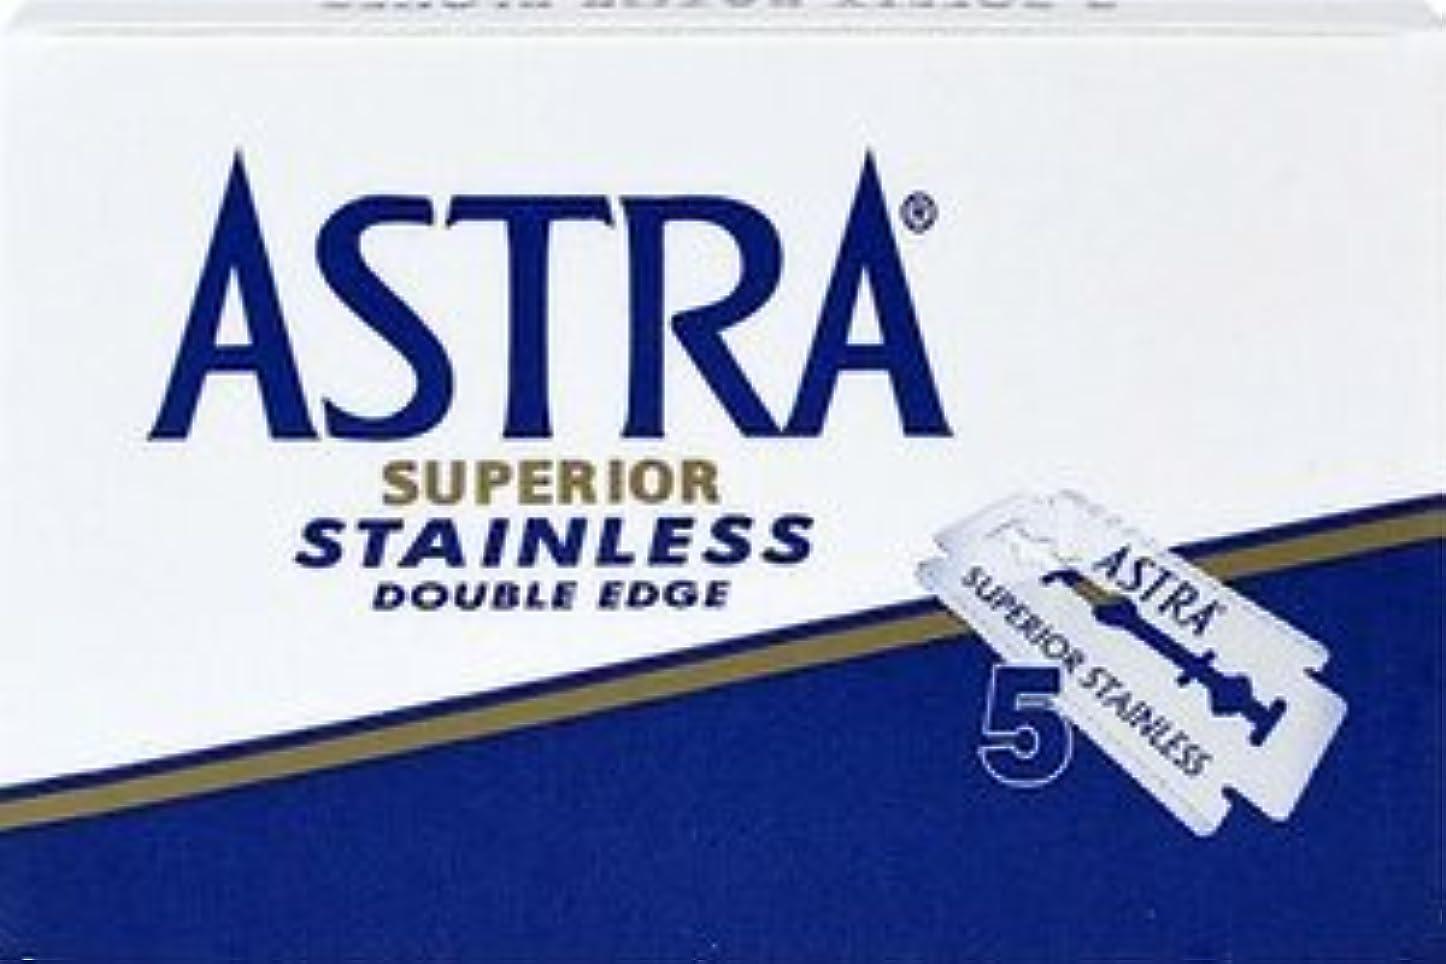 彼自身アーサーコナンドイル交換可能ASTRA Superior Stainless 両刃替刃 5枚入り(5枚入り1 個セット)【並行輸入品】